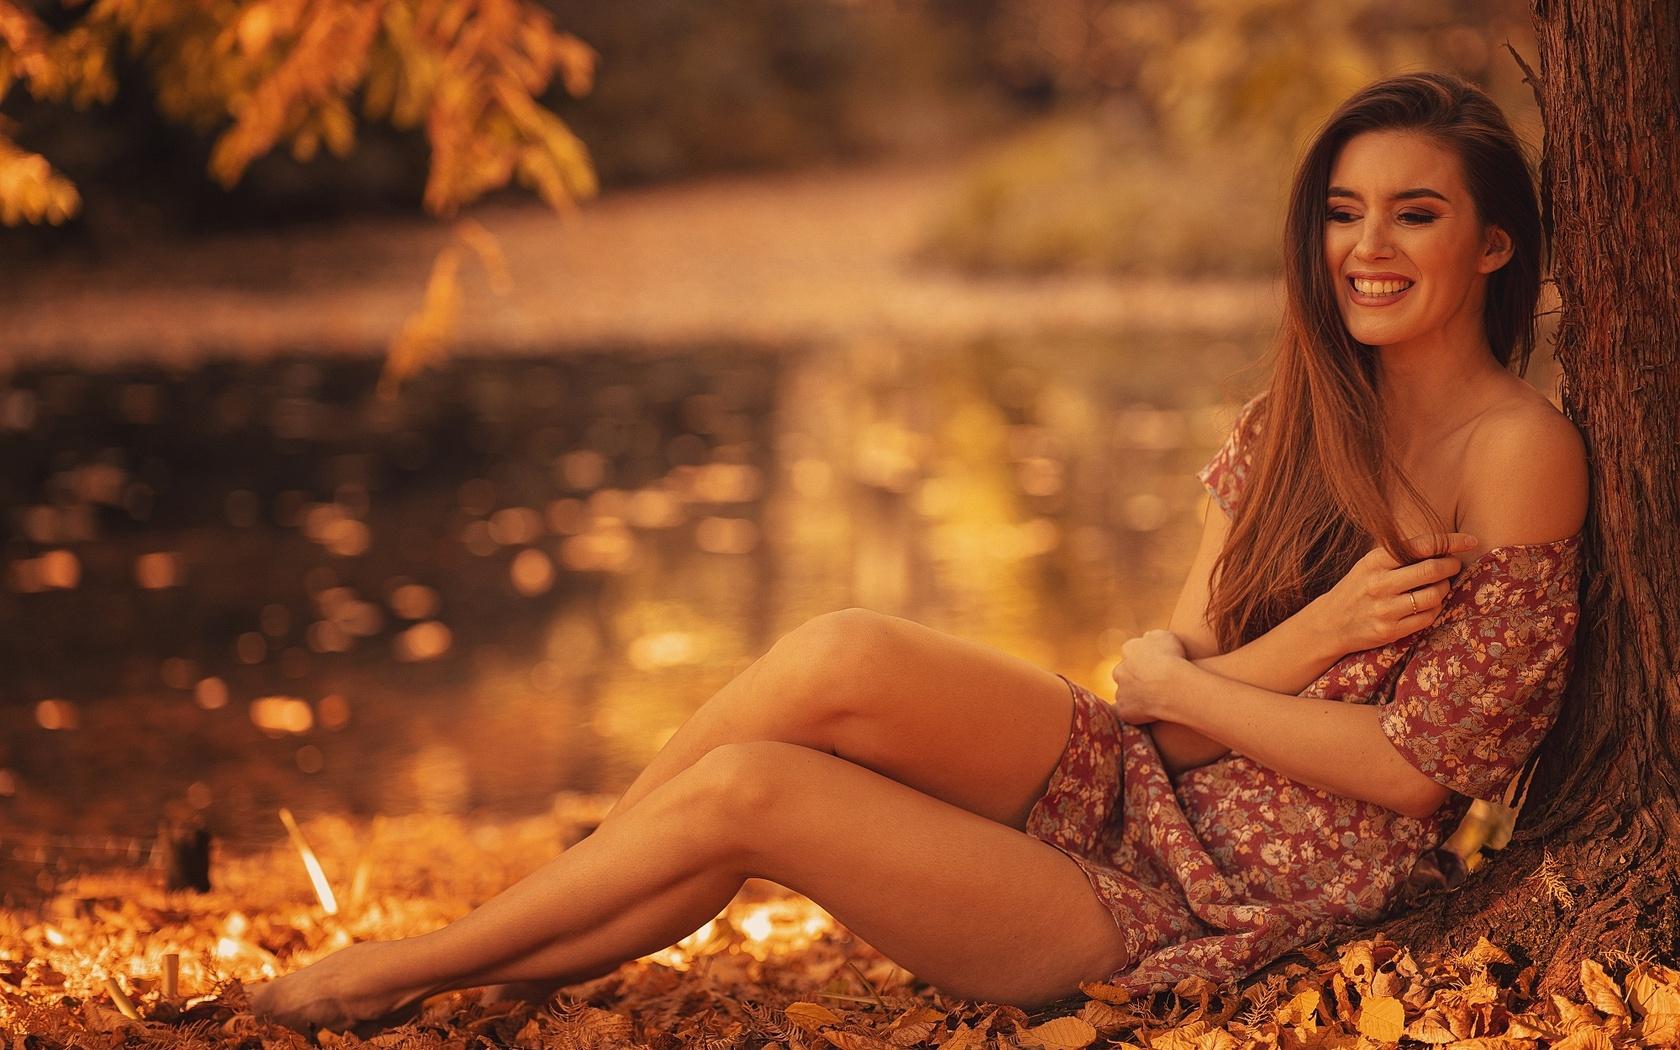 brunette-girl-autumn-season-smiling-gv.jpg